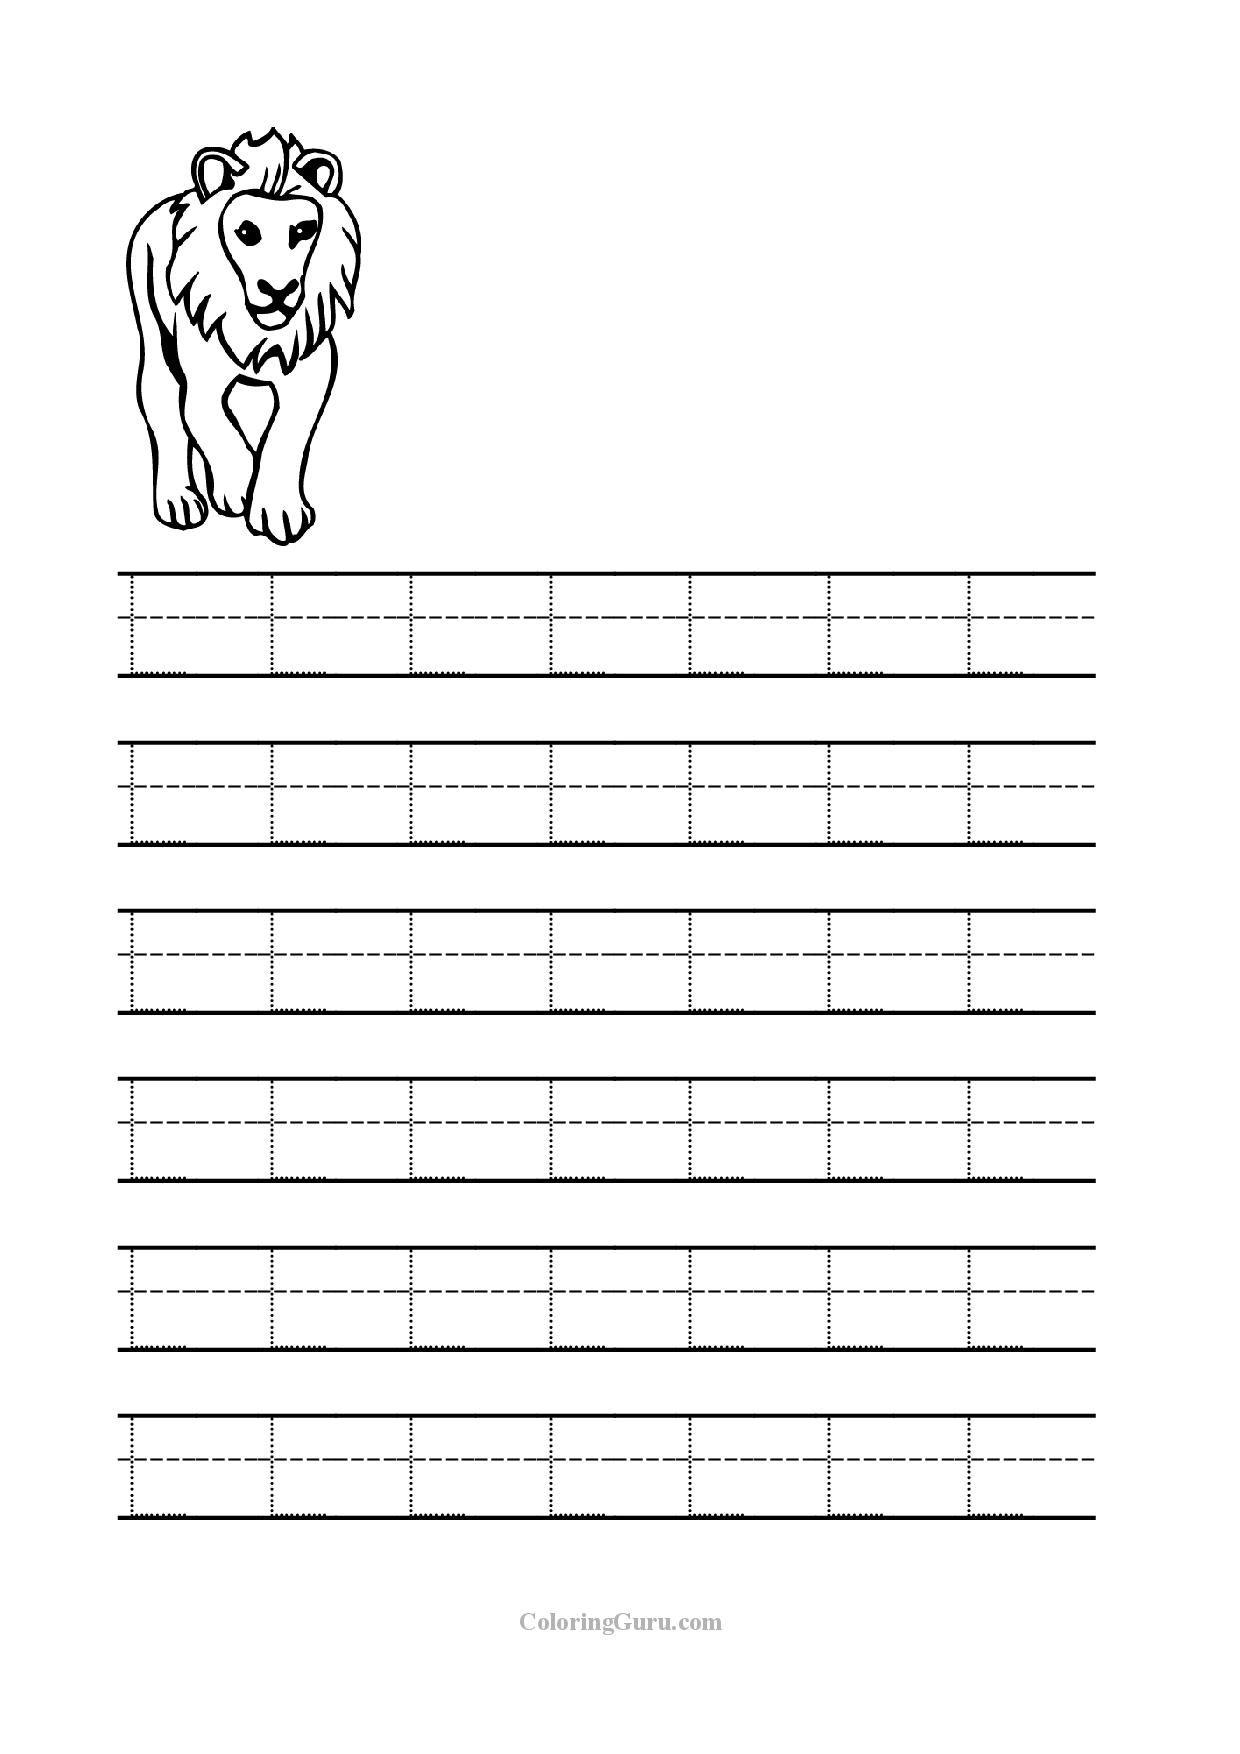 Free Printable Tracing Letter L Worksheets For Preschool inside Tracing Letter L Worksheets For Kindergarten